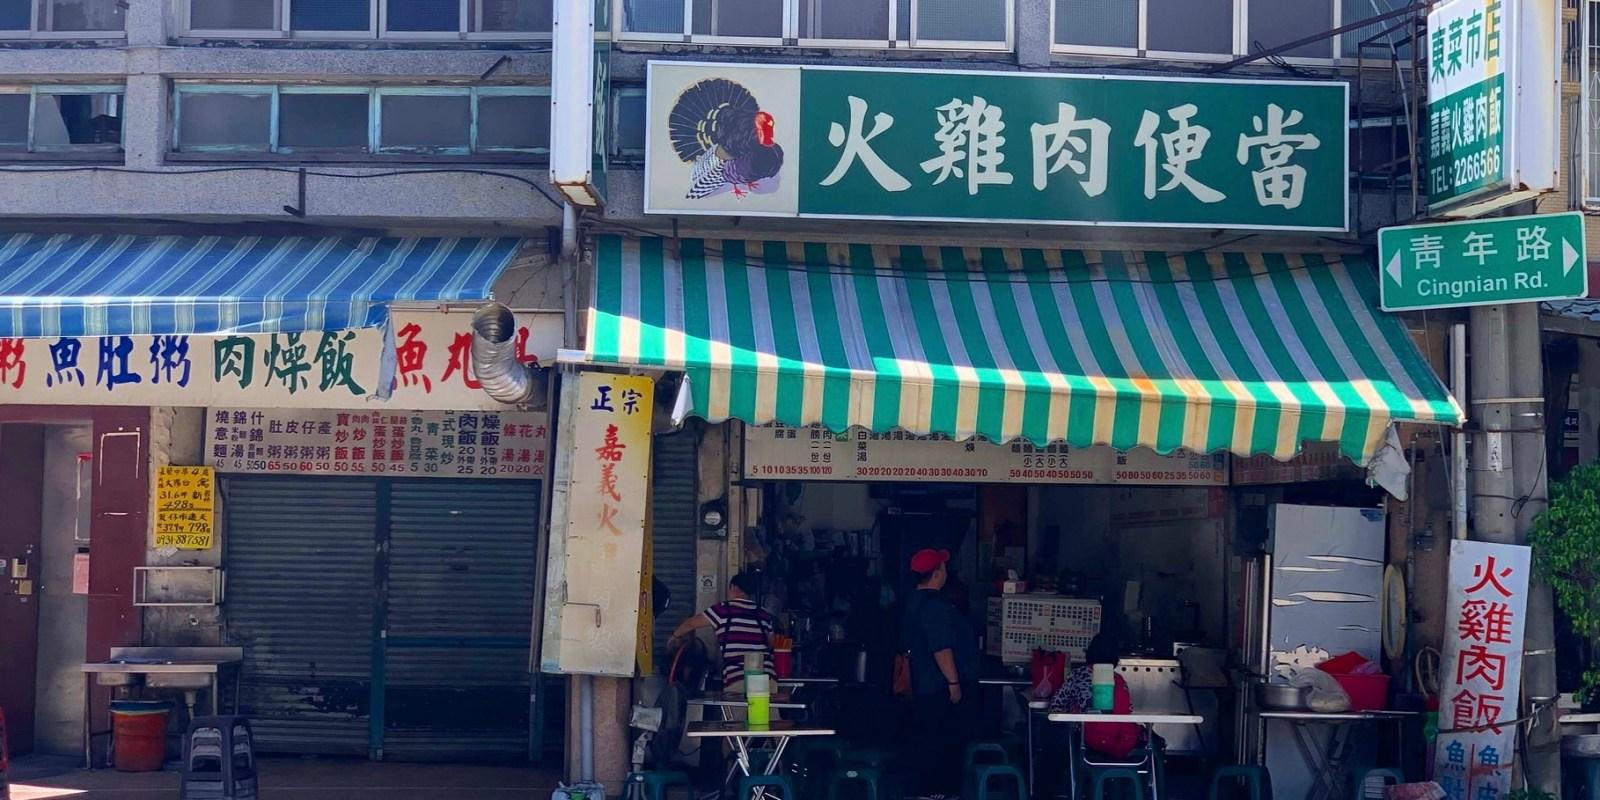 [台南美食] 火伯火雞肉飯 - 住過嘉義兩年的阿青覺得不輸嘉義火雞肉飯!